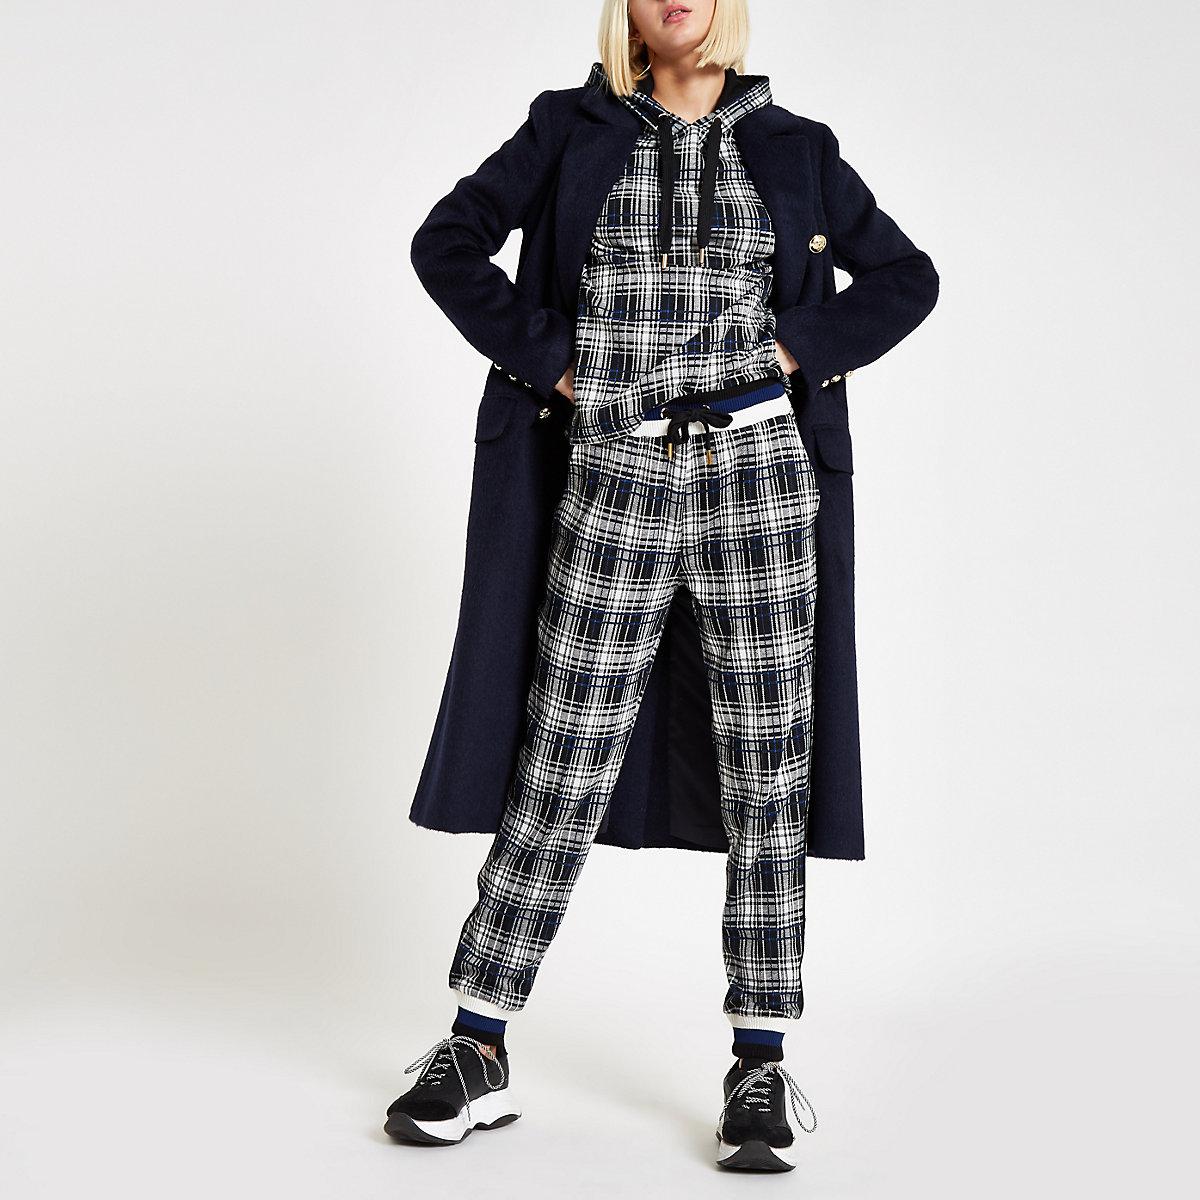 Pantalon de jogging à carreaux noir et empiècements contrastants